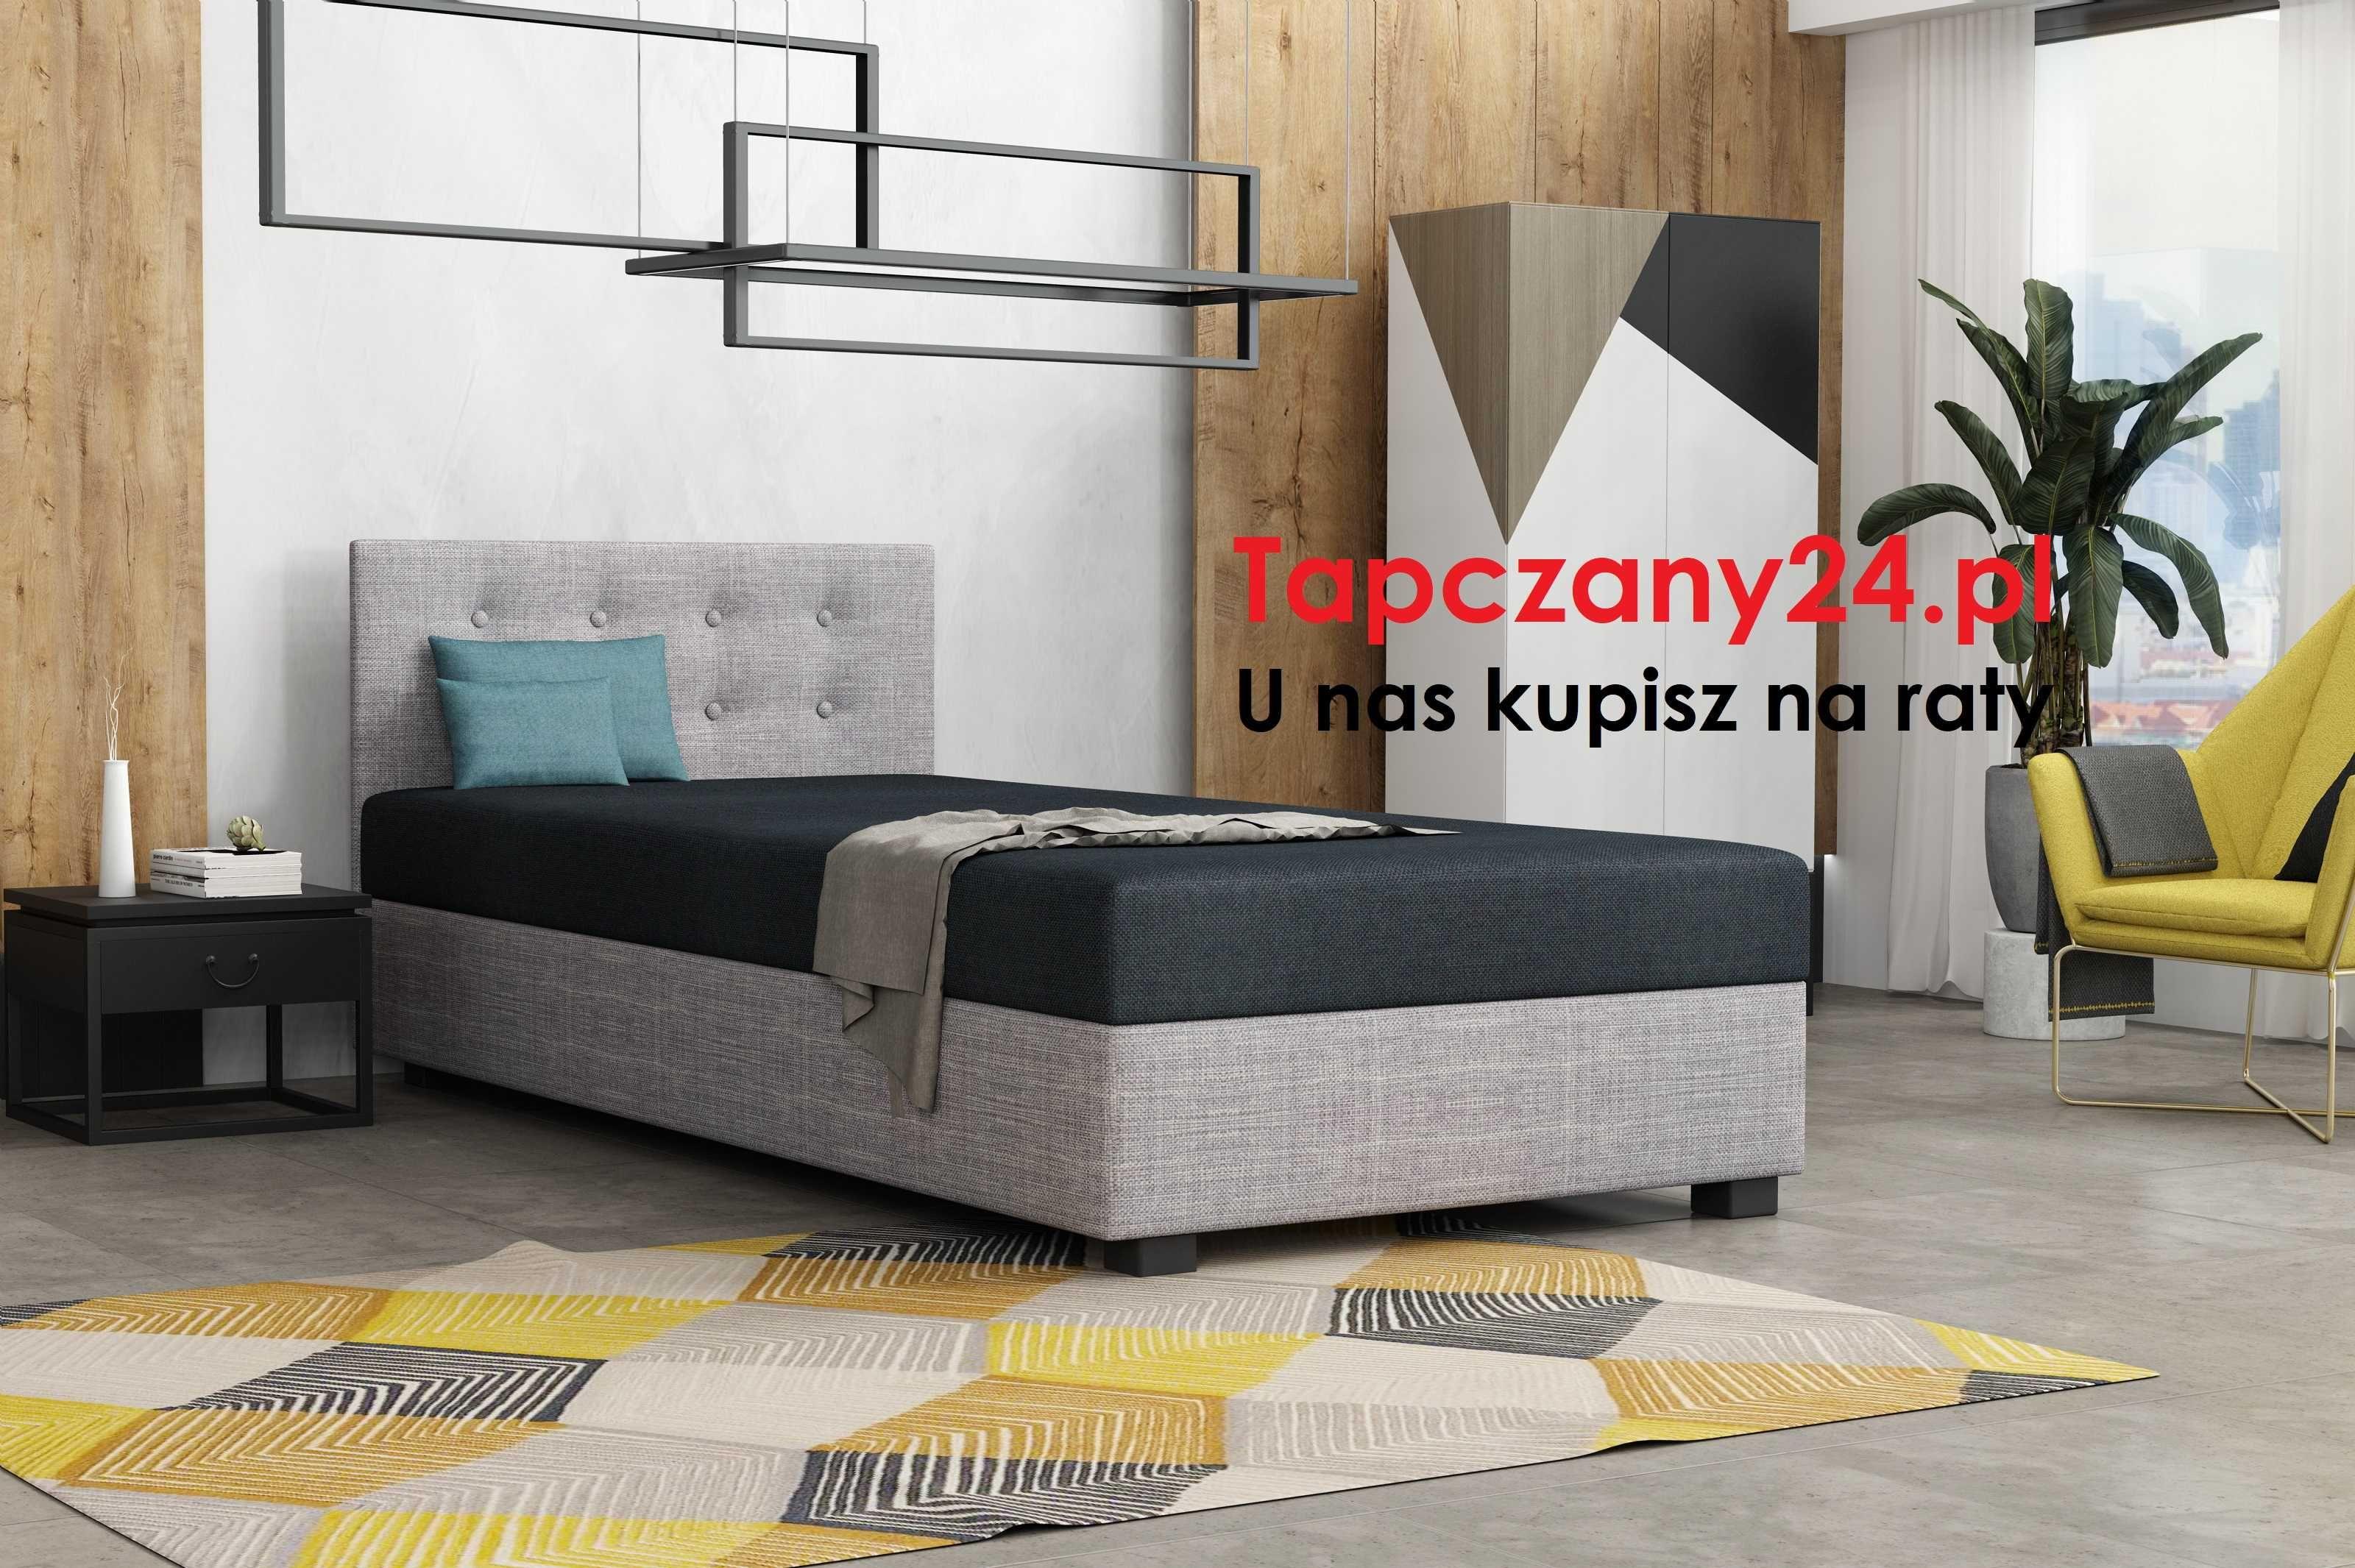 Łóżko młodzieżowe dziecięce Tapczan jednoosobowy +pojemnik 80/90/100